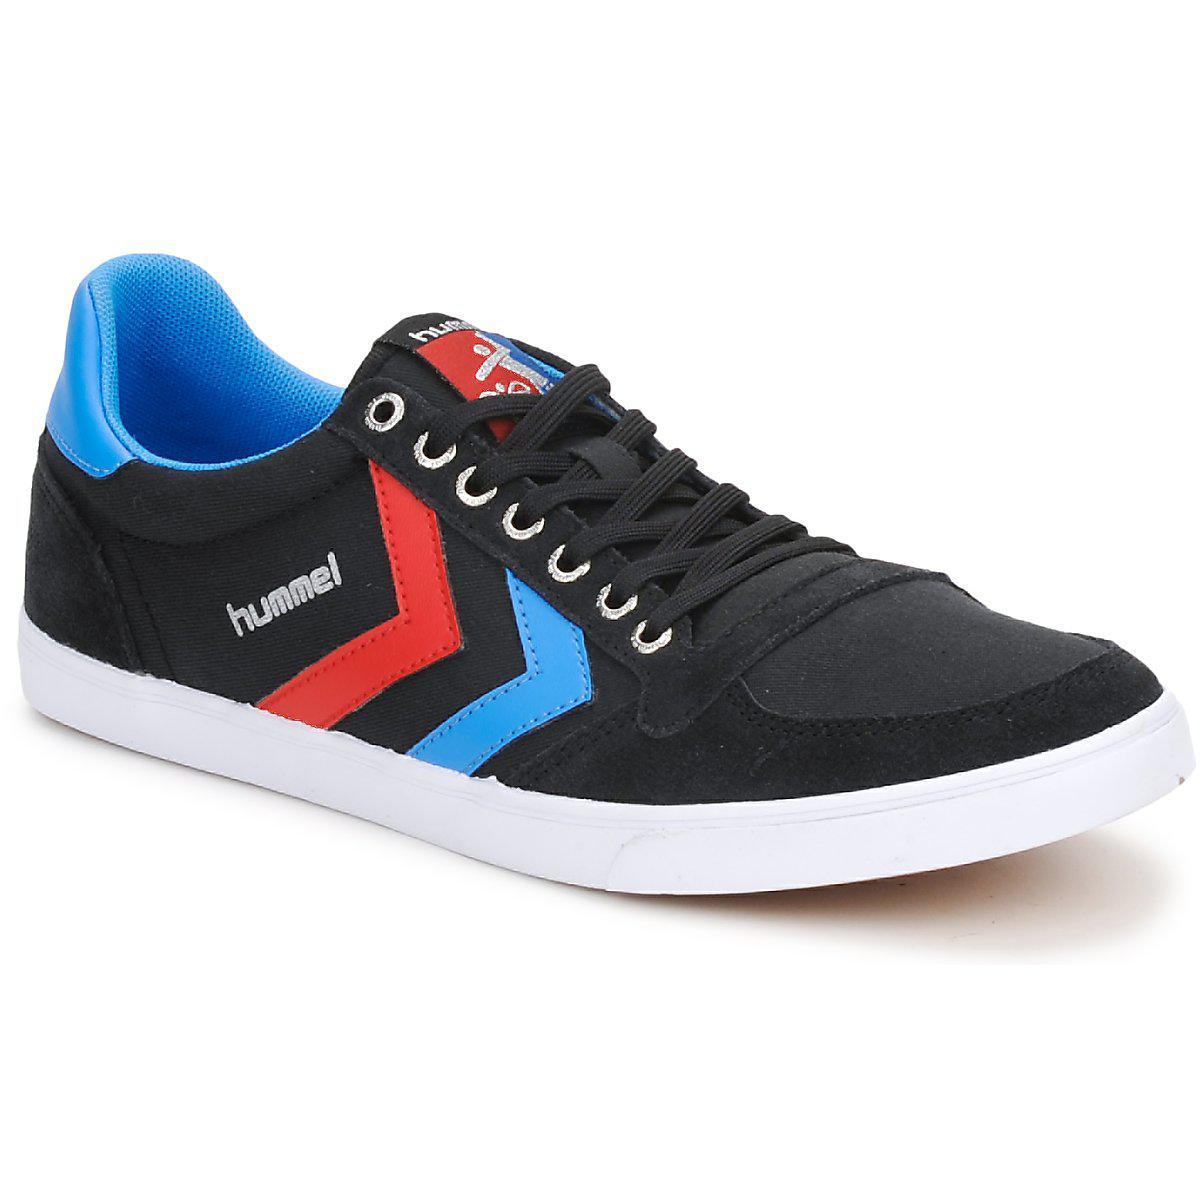 d246175da36671 Hummel Ten Star Low Canvas Women s Shoes (trainers) In Black in ...